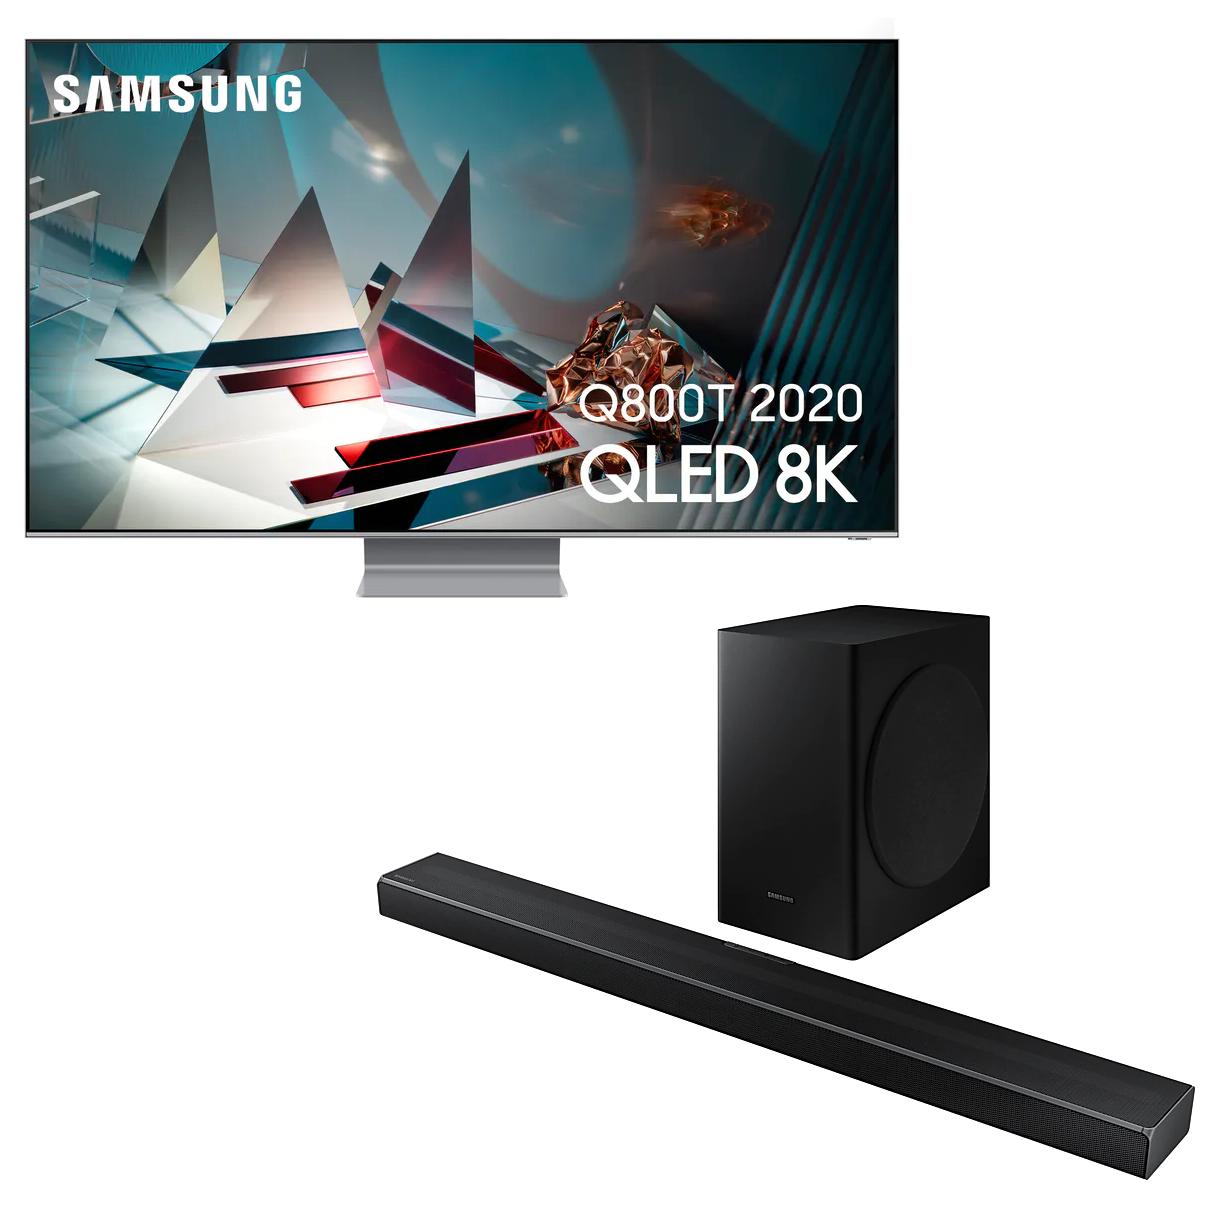 """TV 65"""" Samsung QE65Q800T (QLED, 8K, 100 Hz / Traitement 200 Hz, HDR 2000, Smart TV) + Barre de son HW-Q60T (360W) - Via ODR de 1000€"""